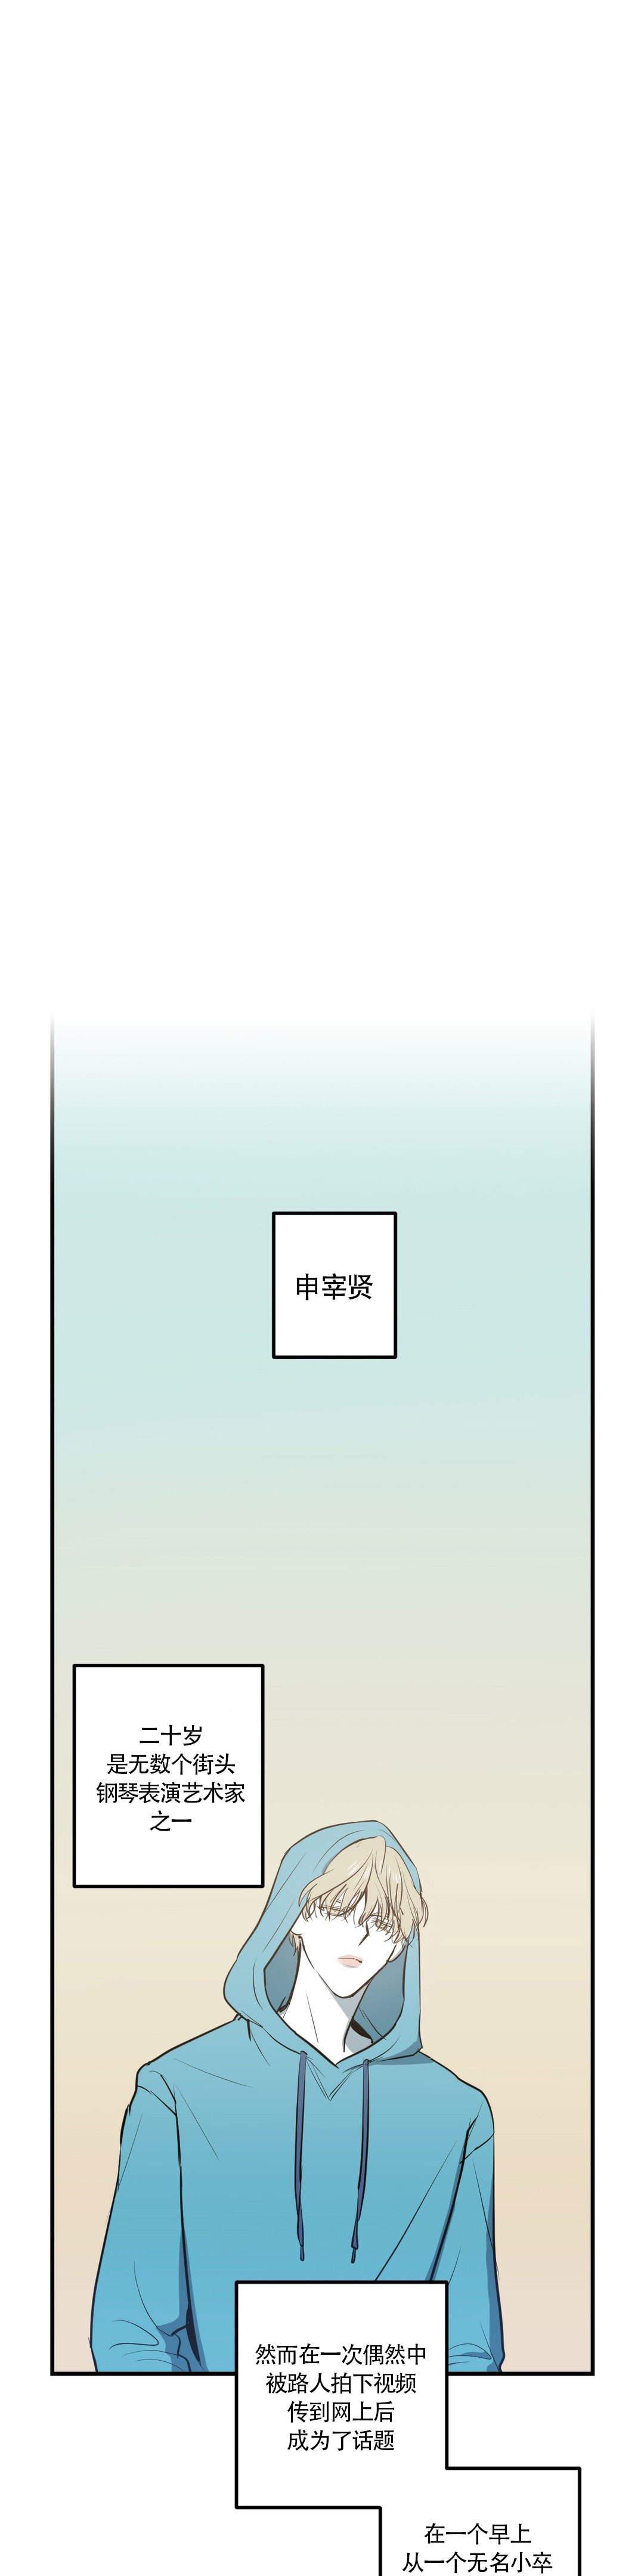 《复合的躯体》韩漫更新,第三话在线免费阅读&全本全集资源